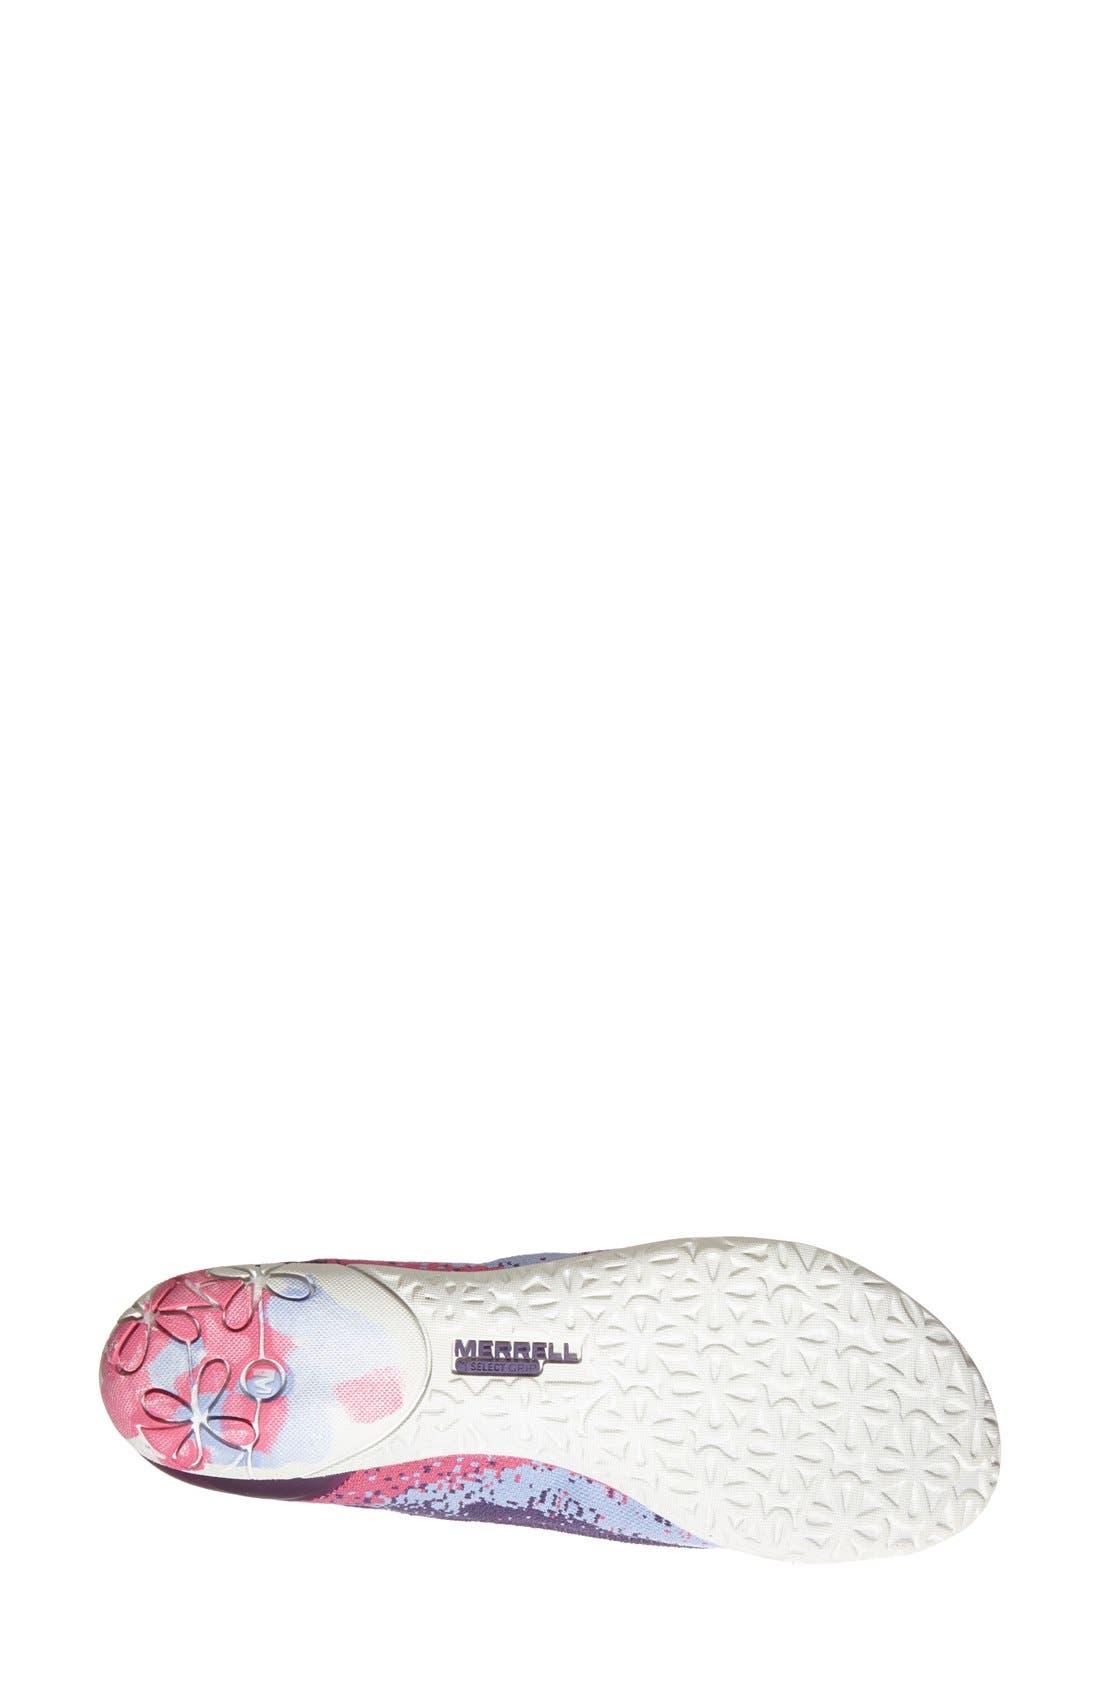 Alternate Image 2  - Merrell 'Mimix Meld' Sneaker (Women)